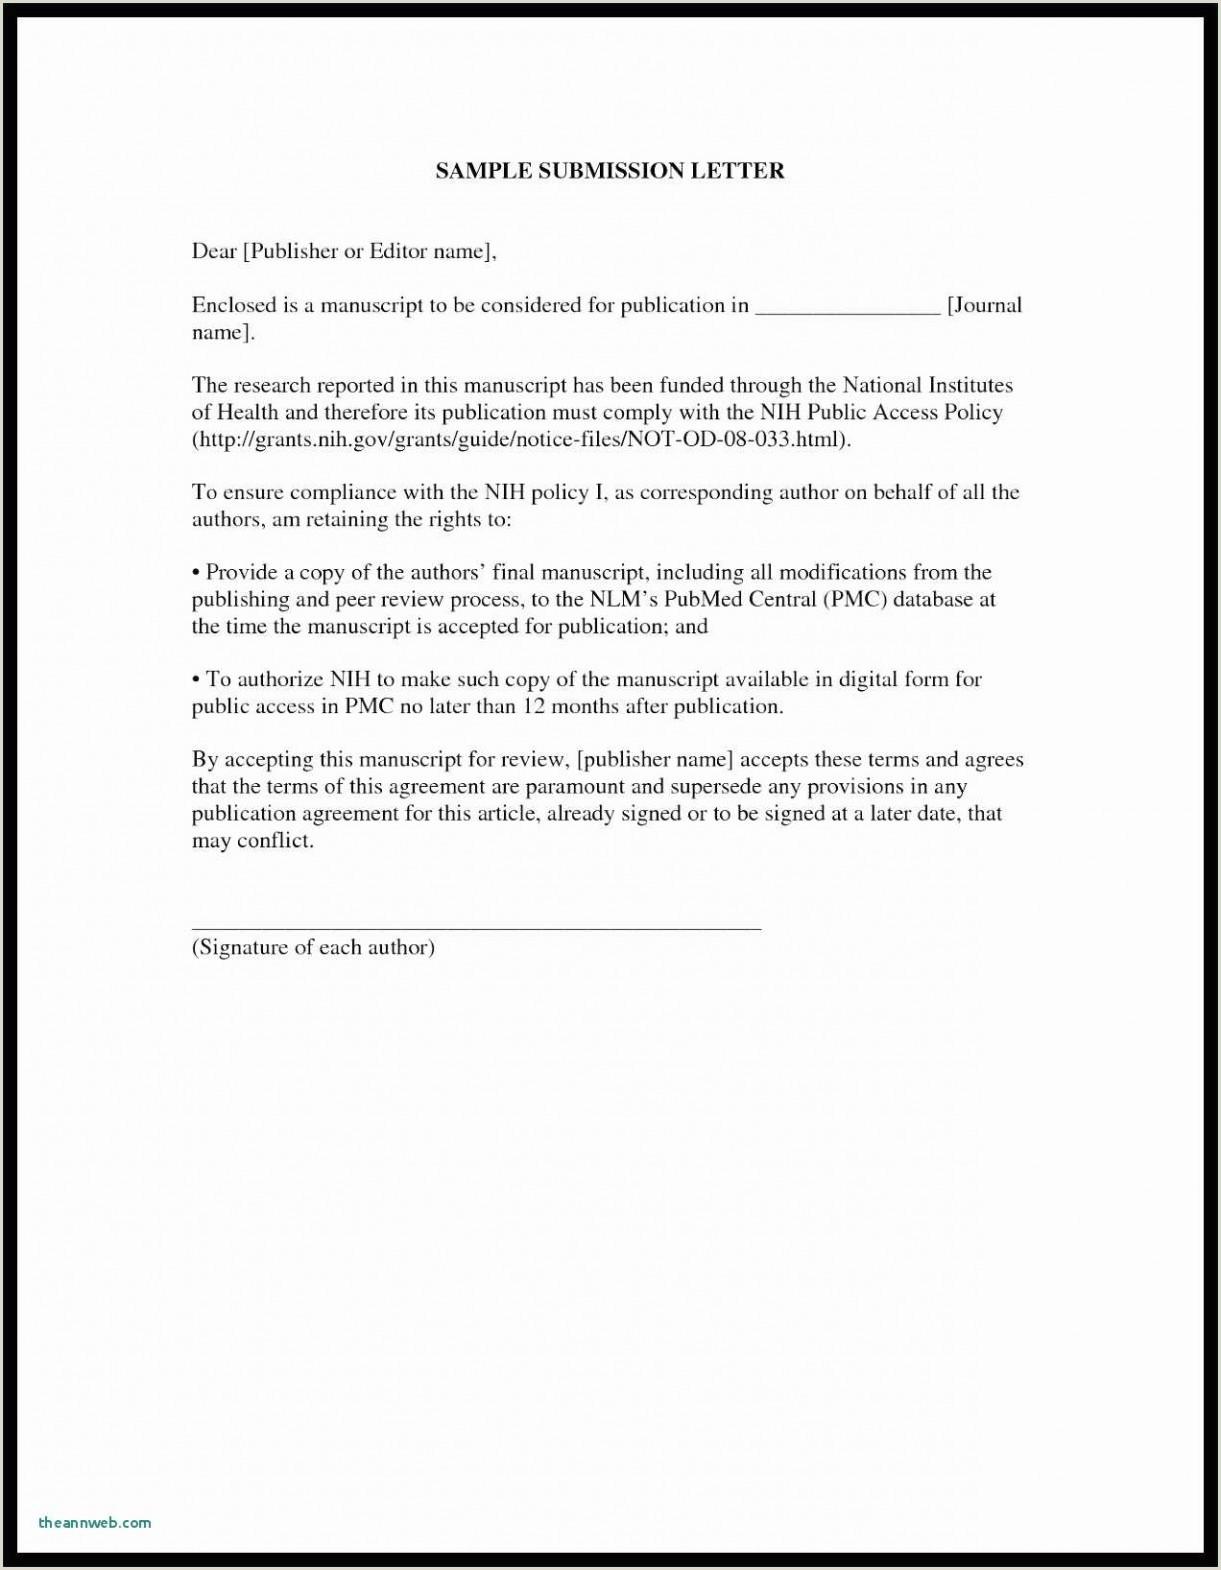 Standard Navy Letter Template Standard Naval Letter format Climatejourney